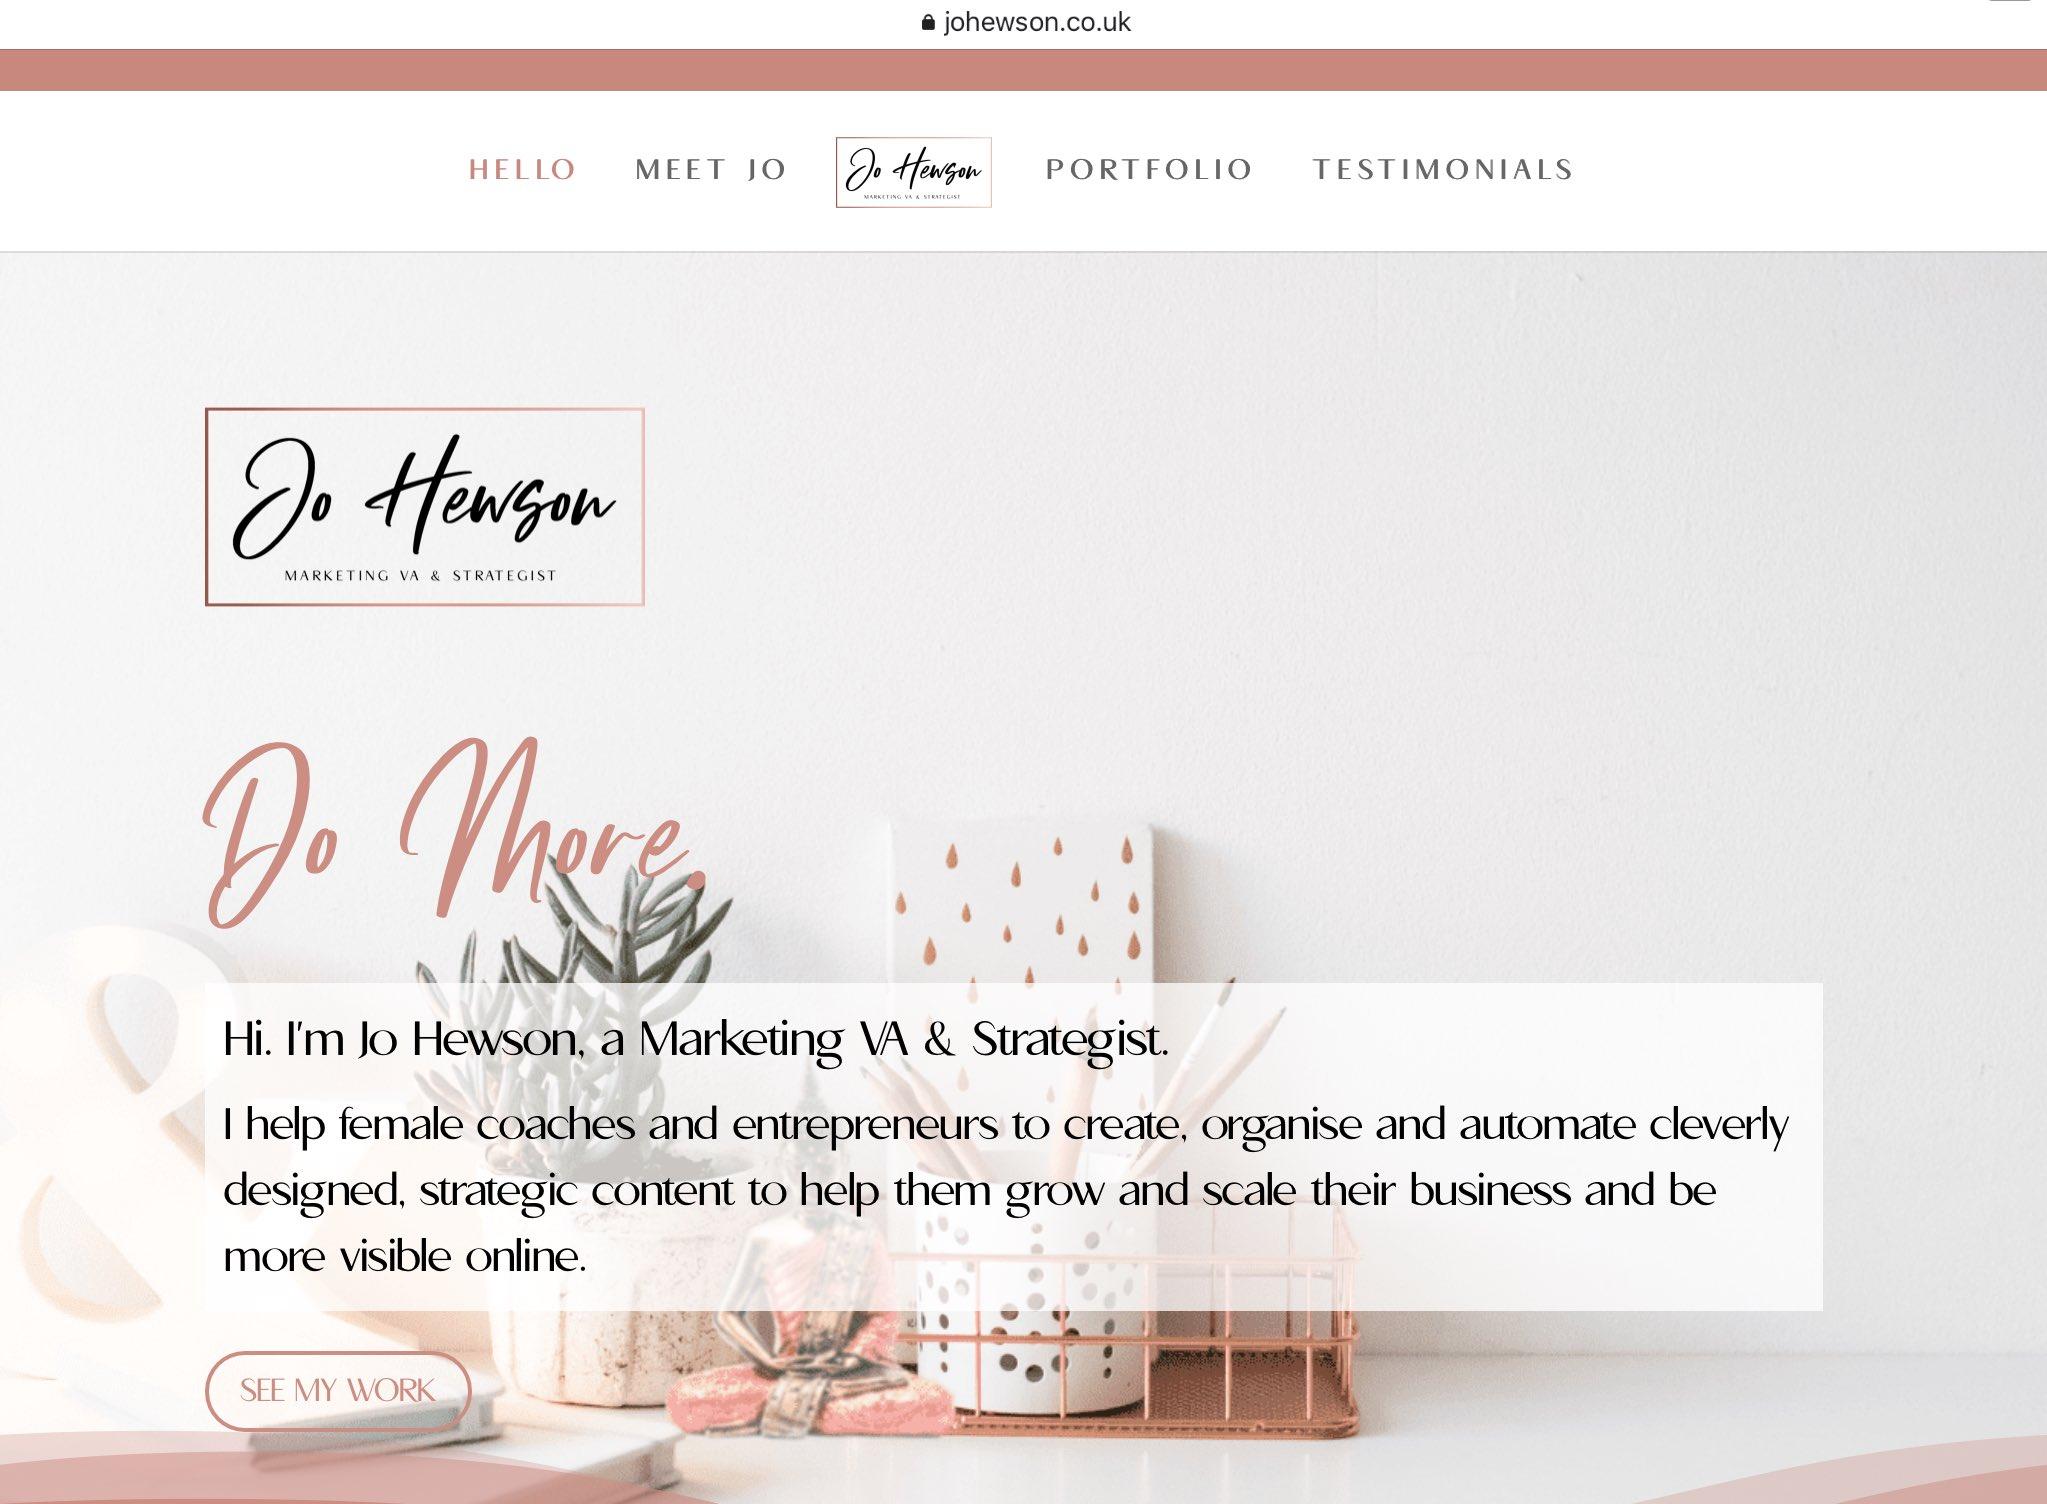 jo-hewson-marketing-va-new-divi-website